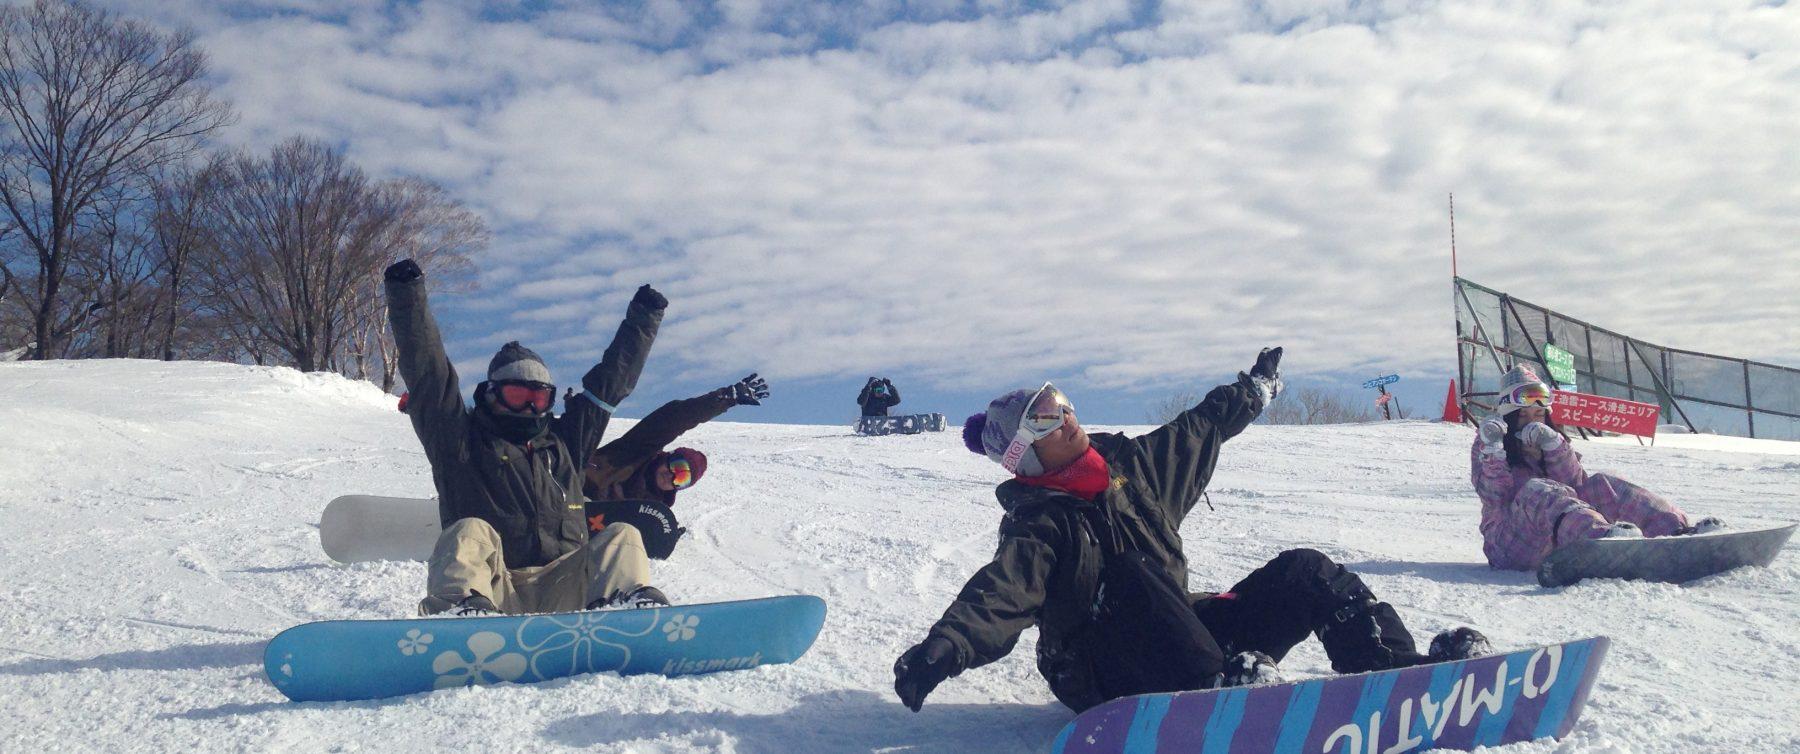 スノーボード部